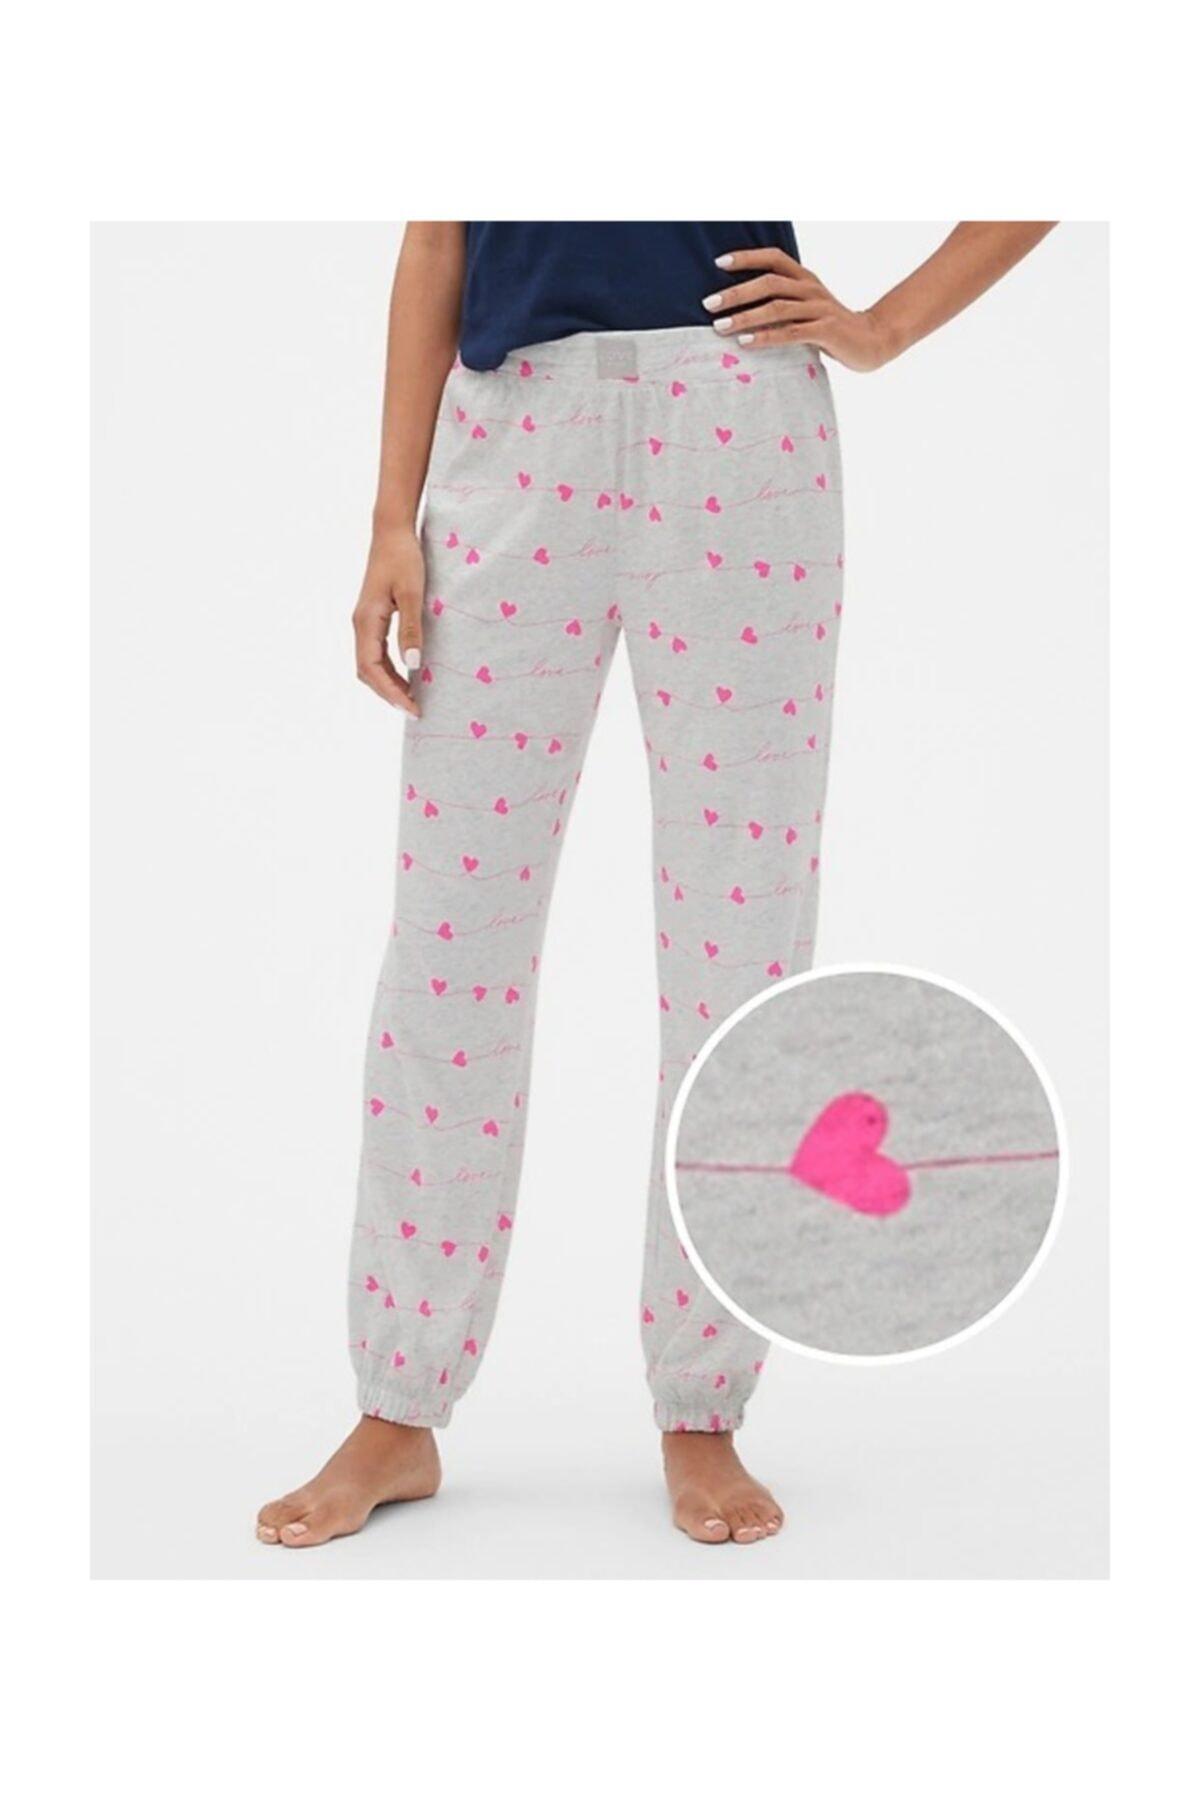 GAP Desenli Pijama Altı 1